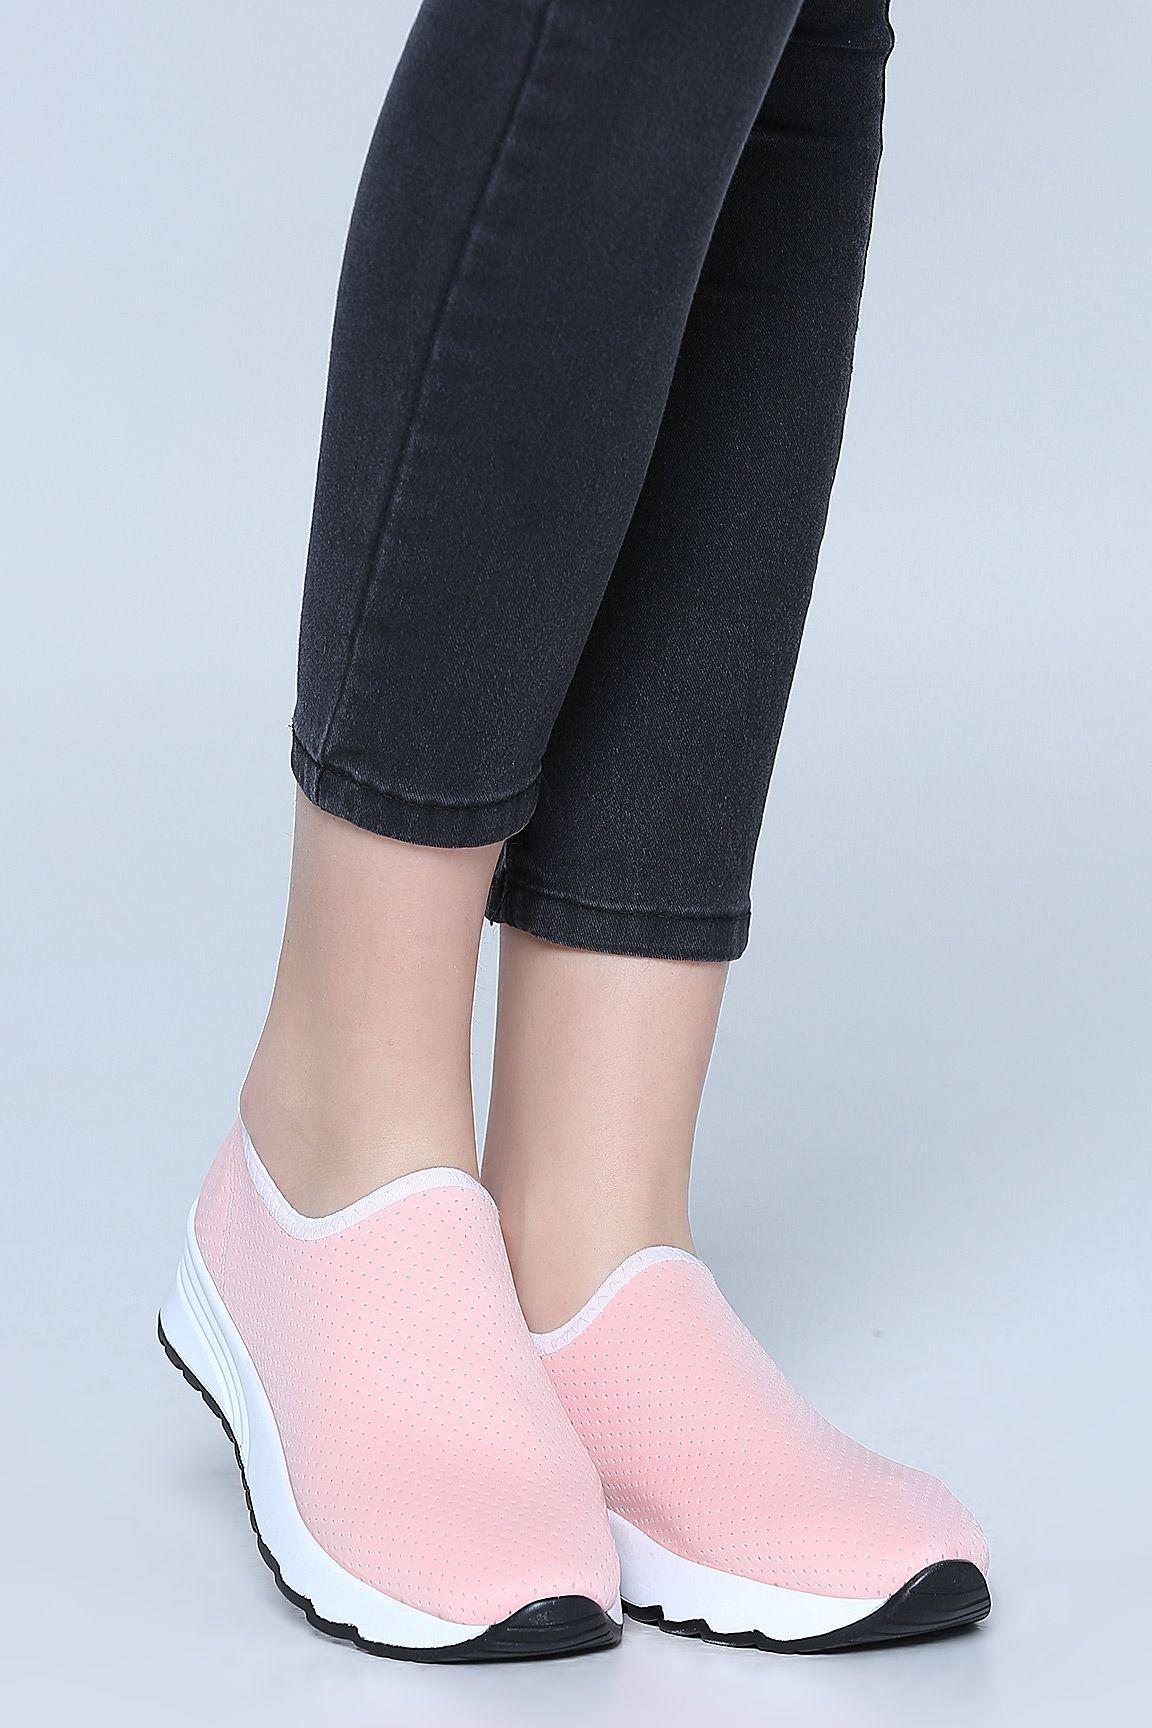 Somon BAYAN AYAKKABI | shoes | Moda ayakkabılar, Bayan